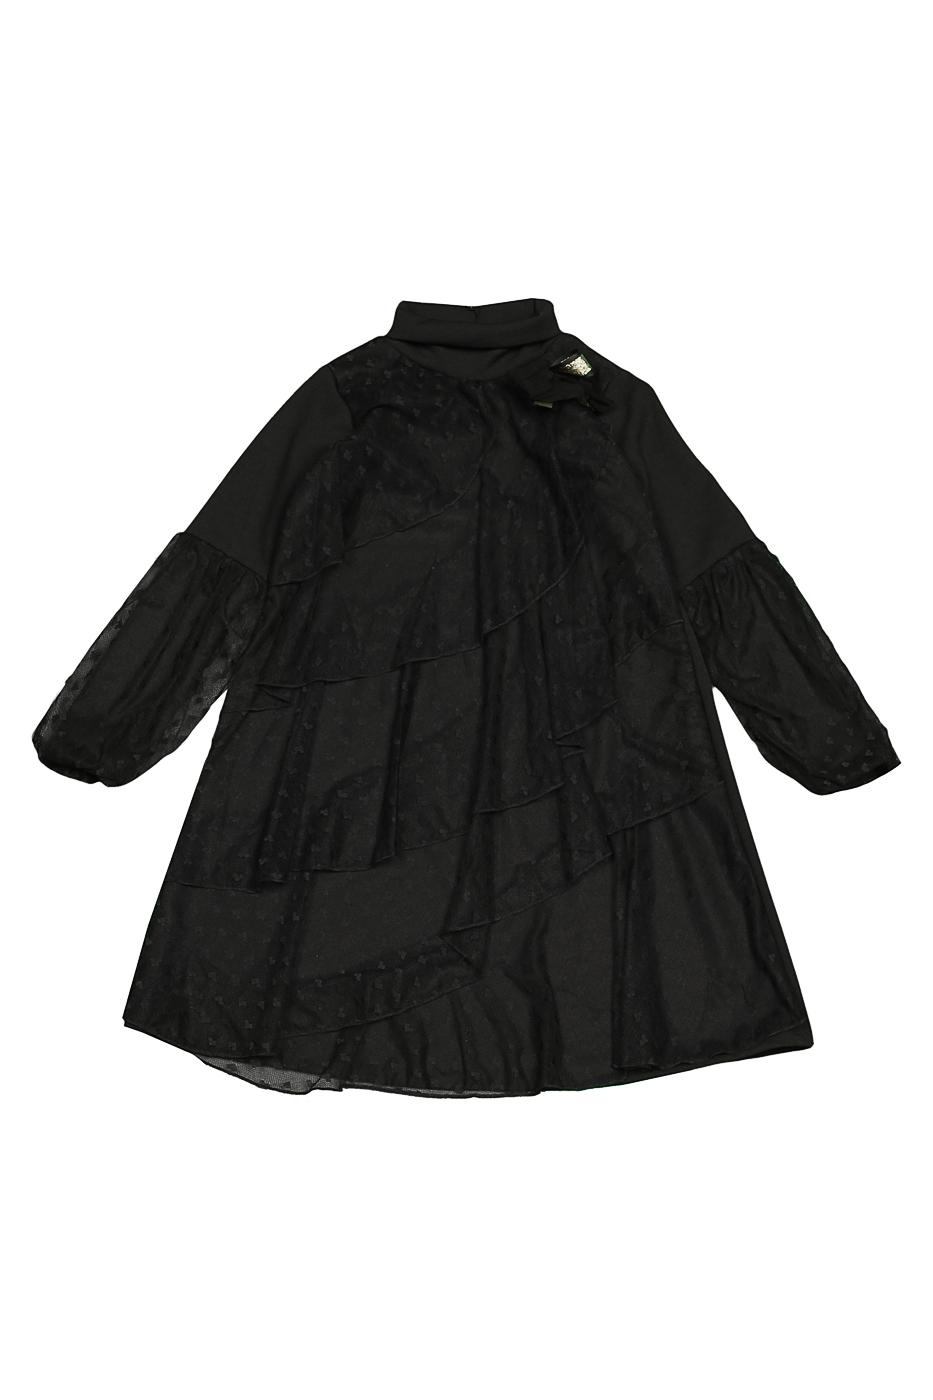 Купить 854, Платье детское LUNA LUNA, цв. черный, р-р 164, Платья для девочек